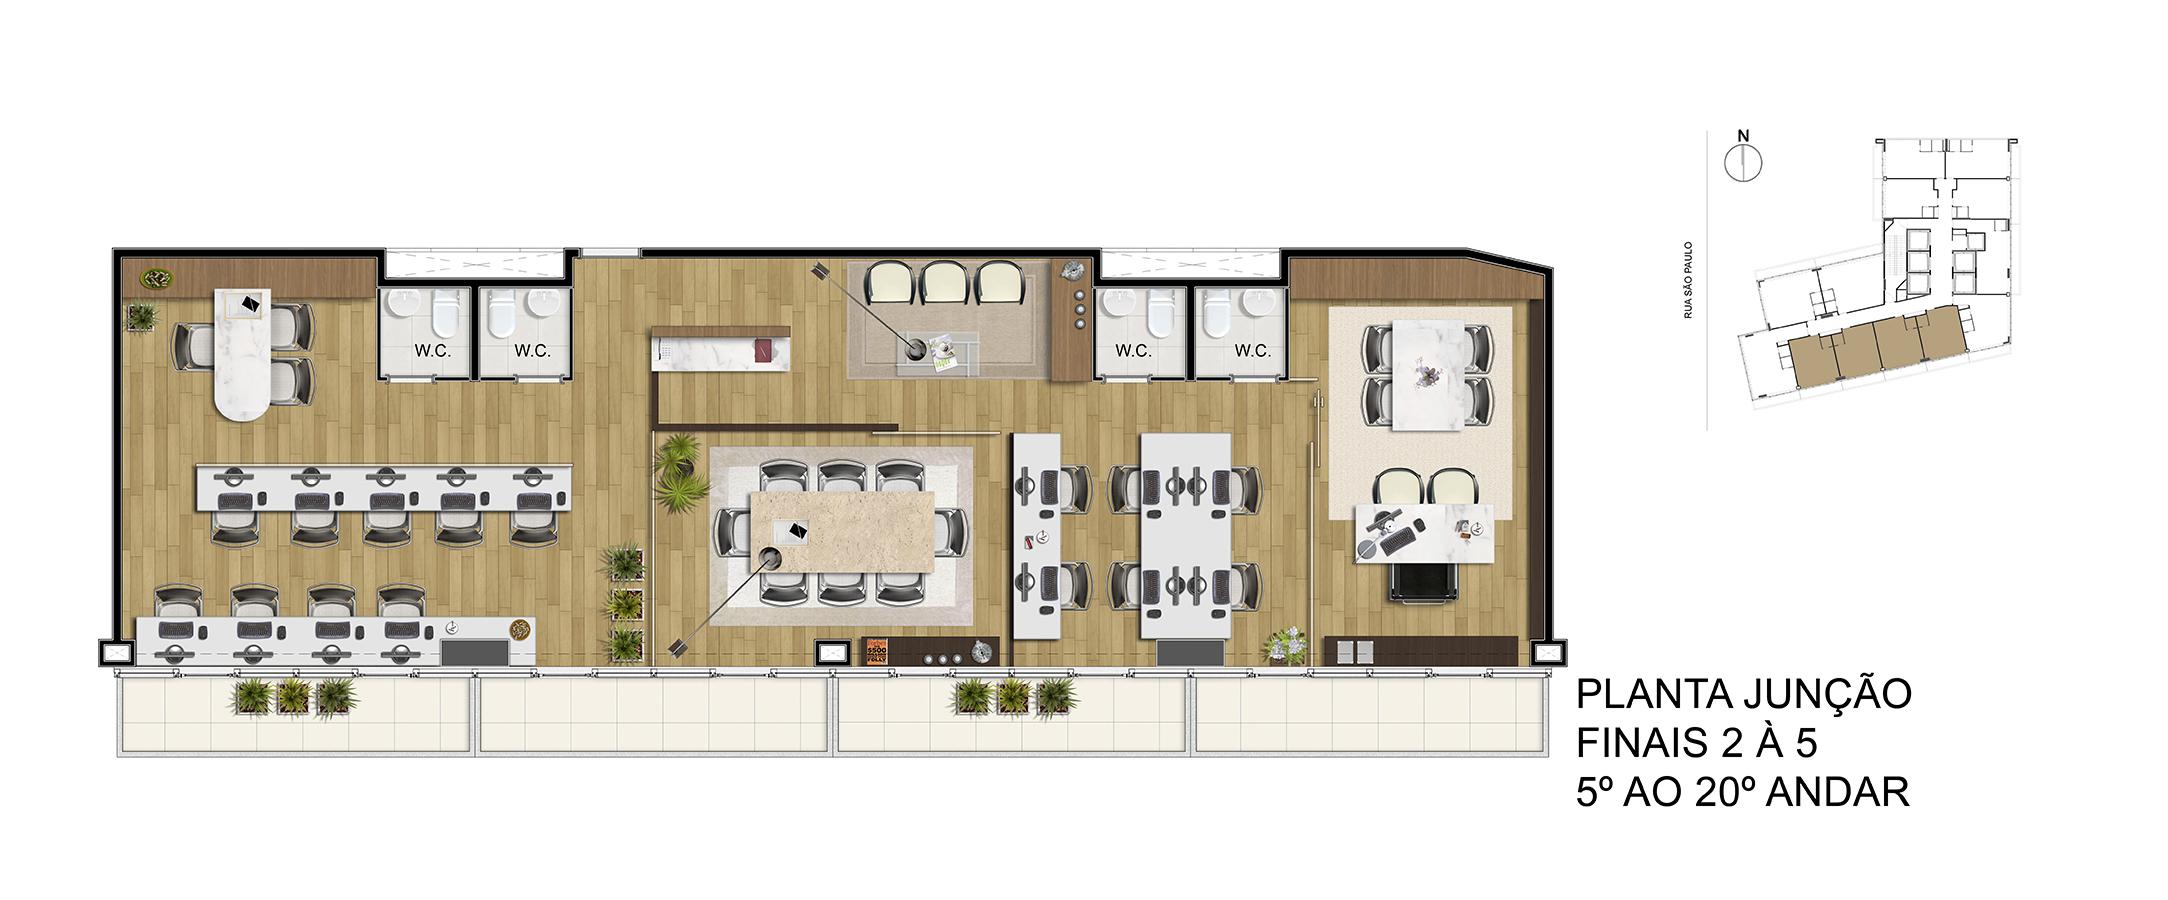 Planta Junção - Finais 2 á 5 - 5° ao 20° Andar Manhattan Office Santos